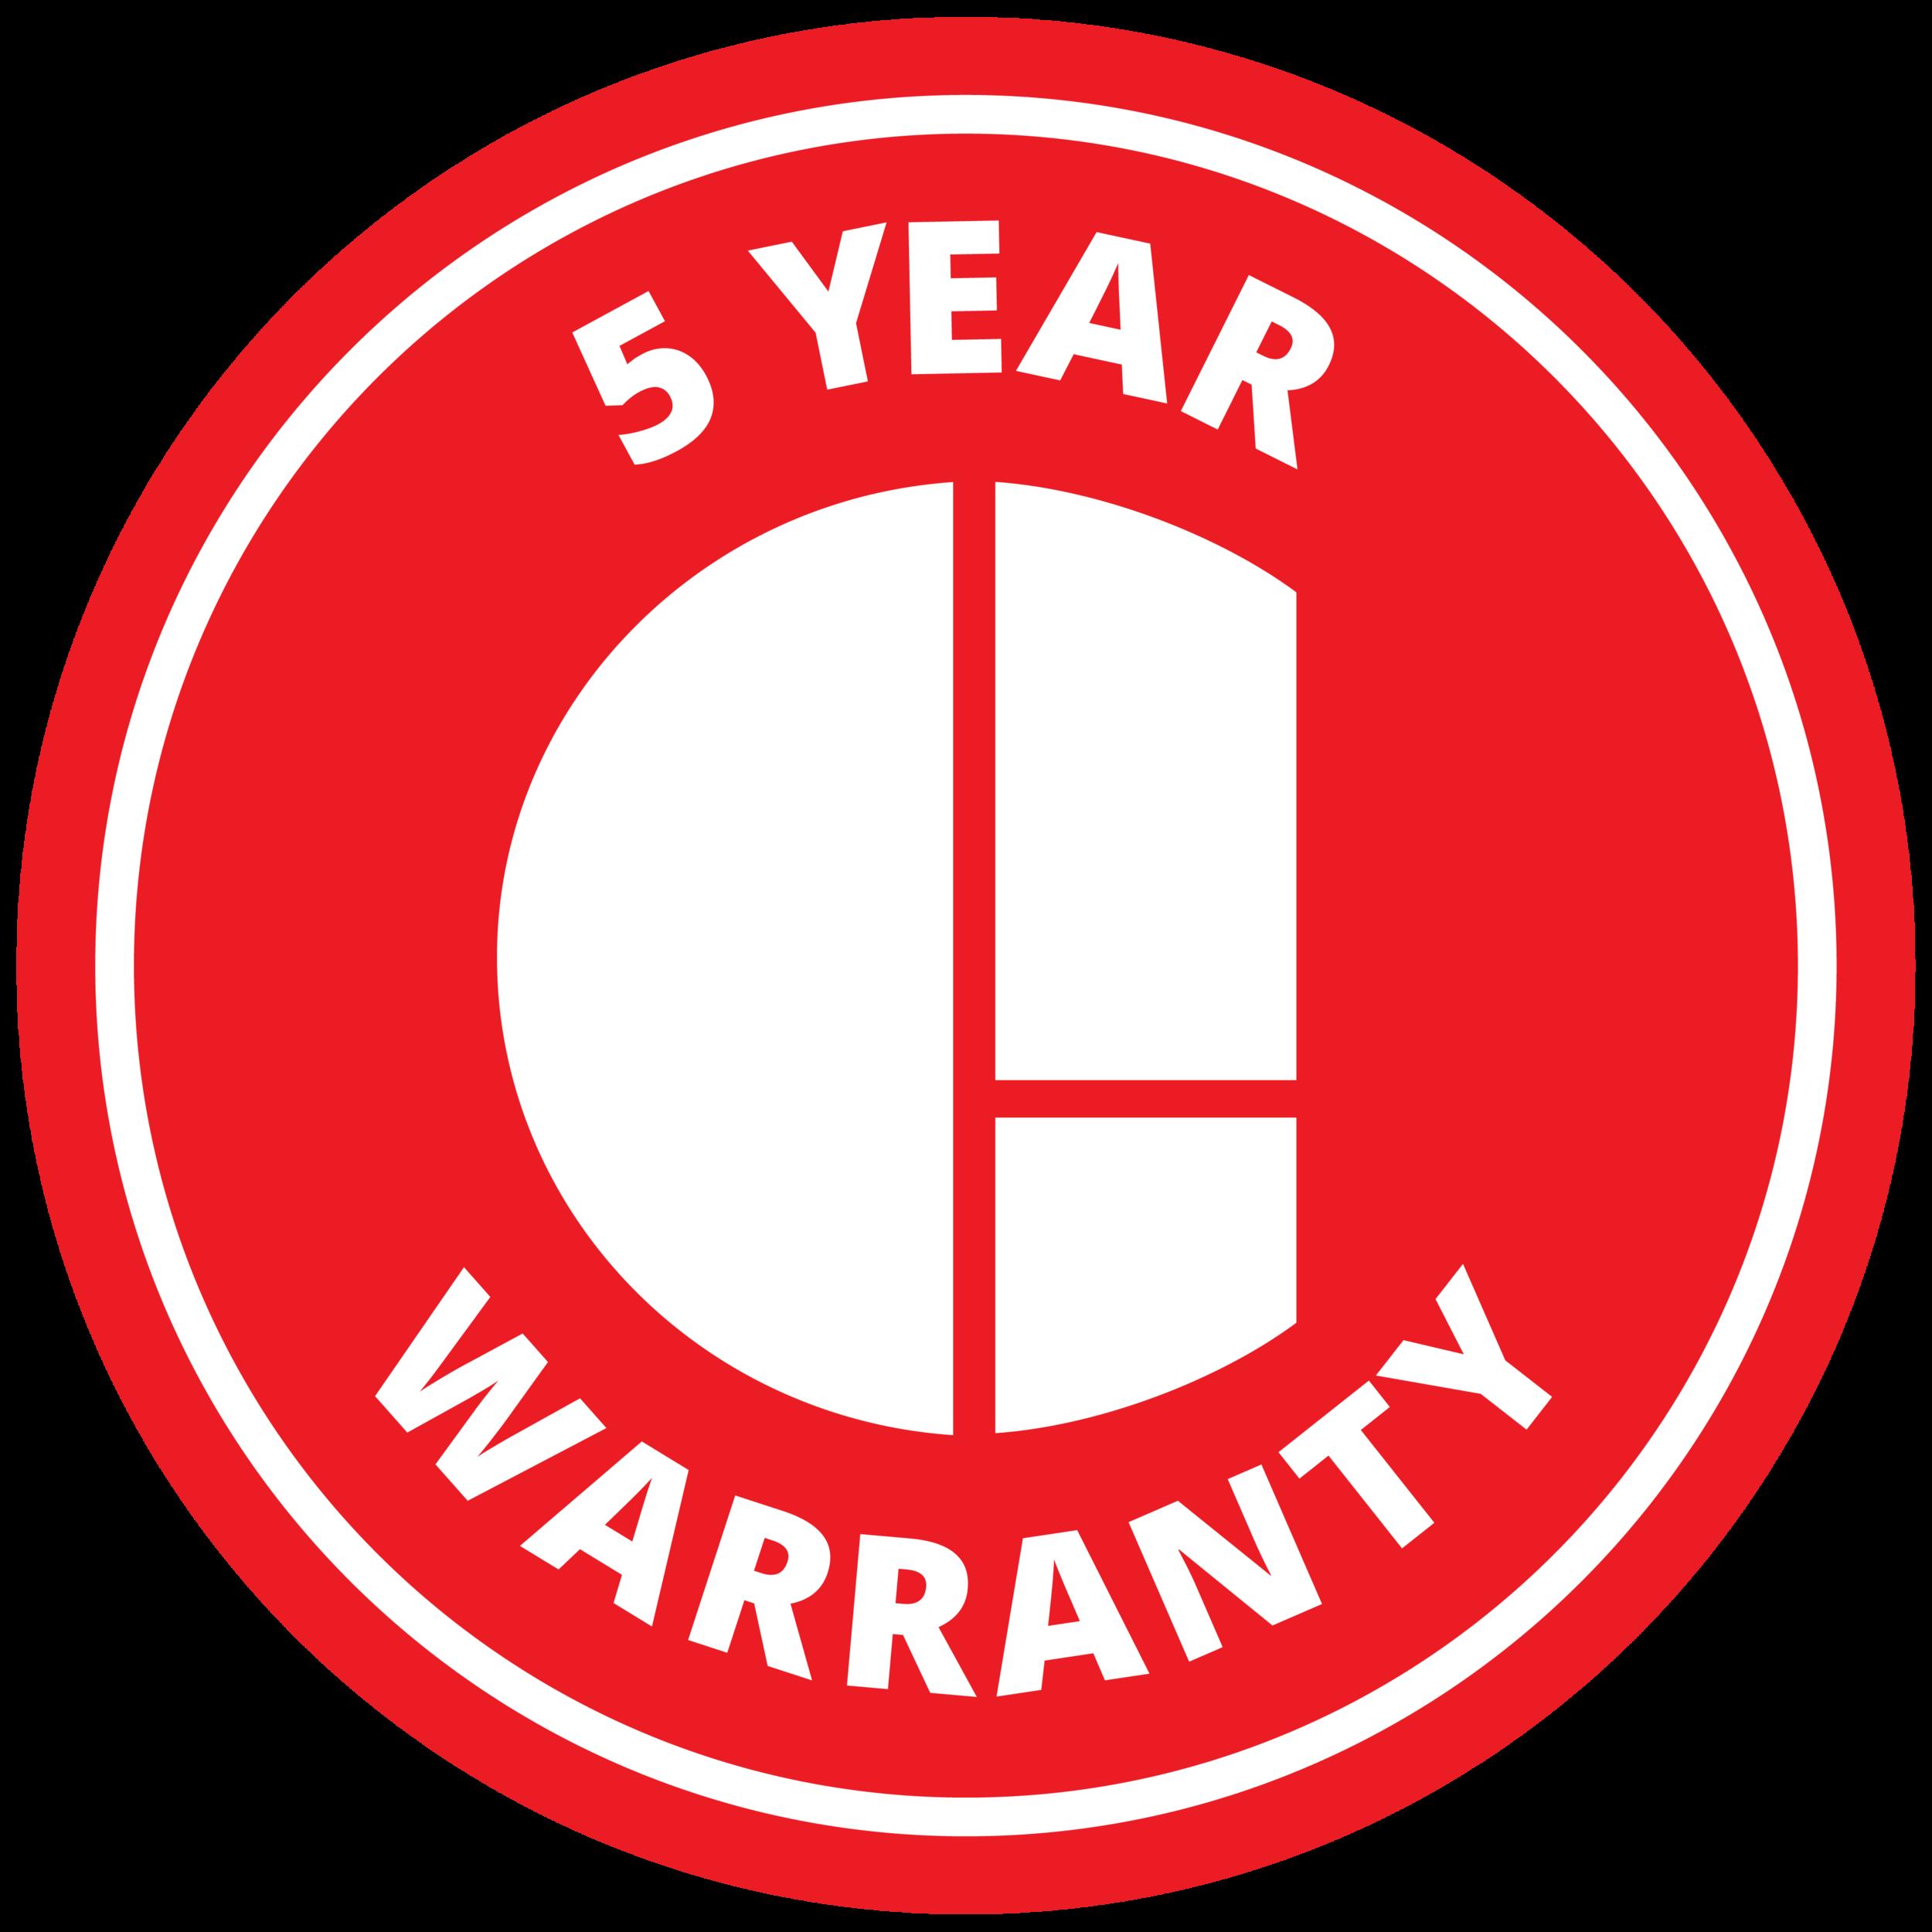 GG_Warranty_Logo-5YR.png